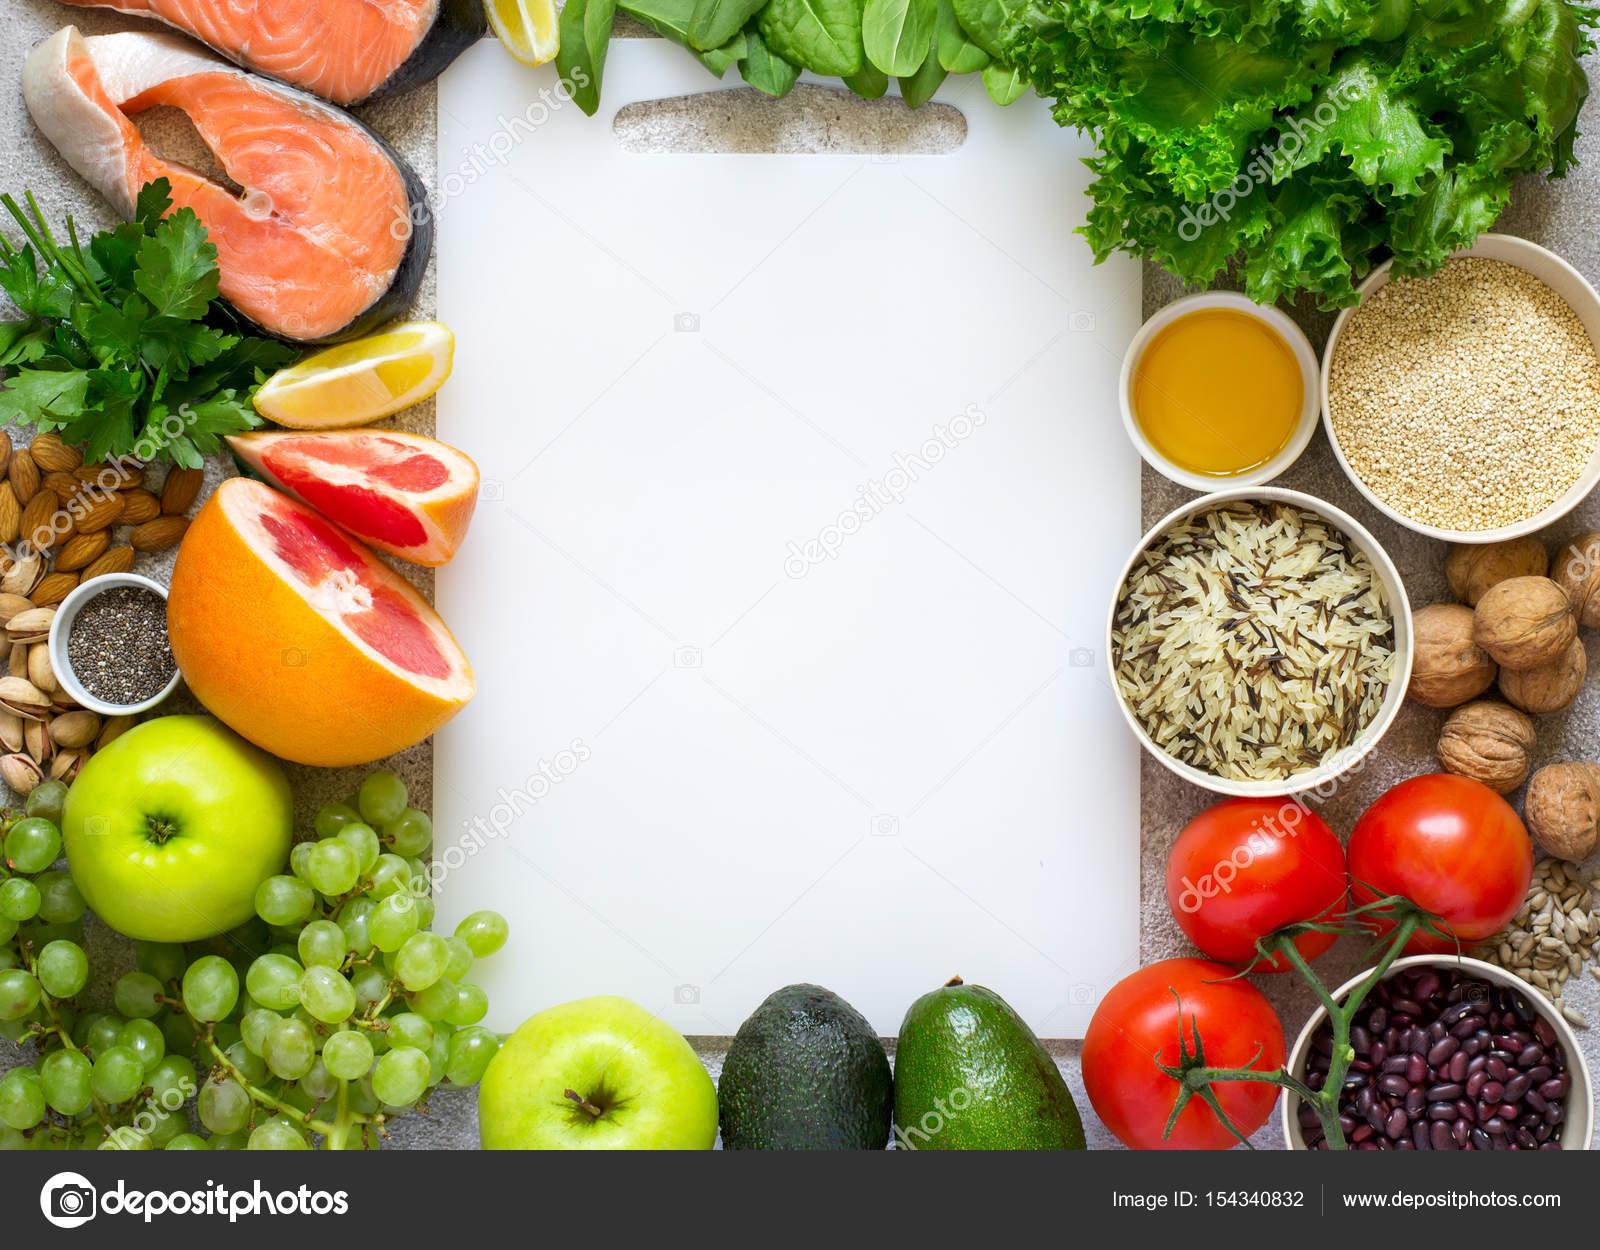 Selecci n de alimentos saludables para el coraz n dieta - Alimentos saludables para el corazon ...